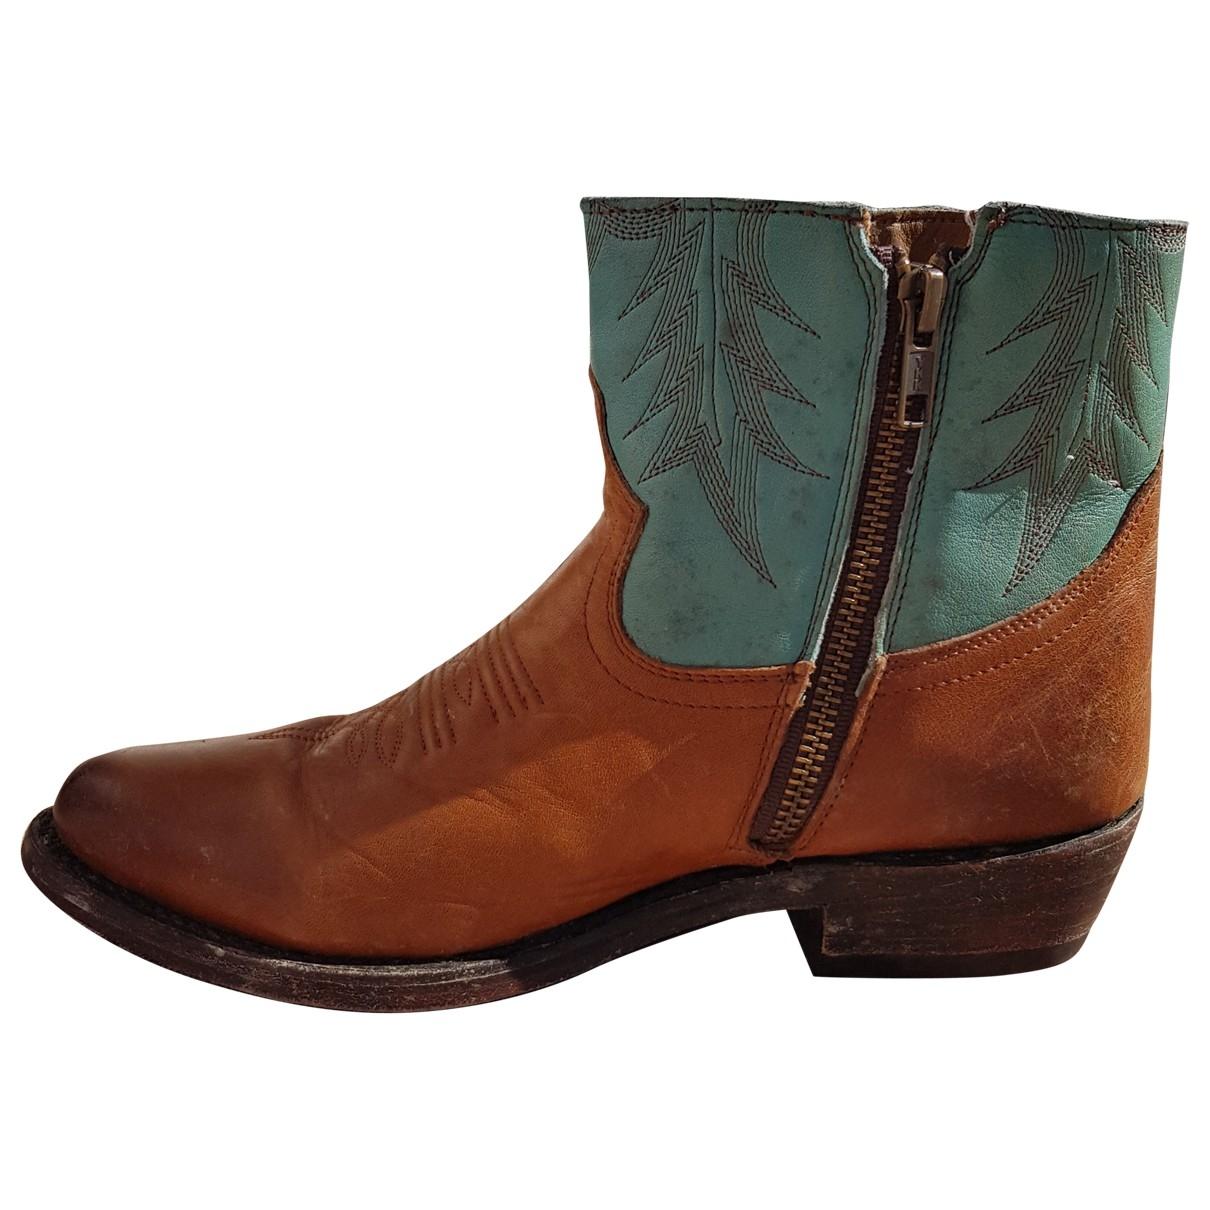 Moma - Boots   pour femme en cuir